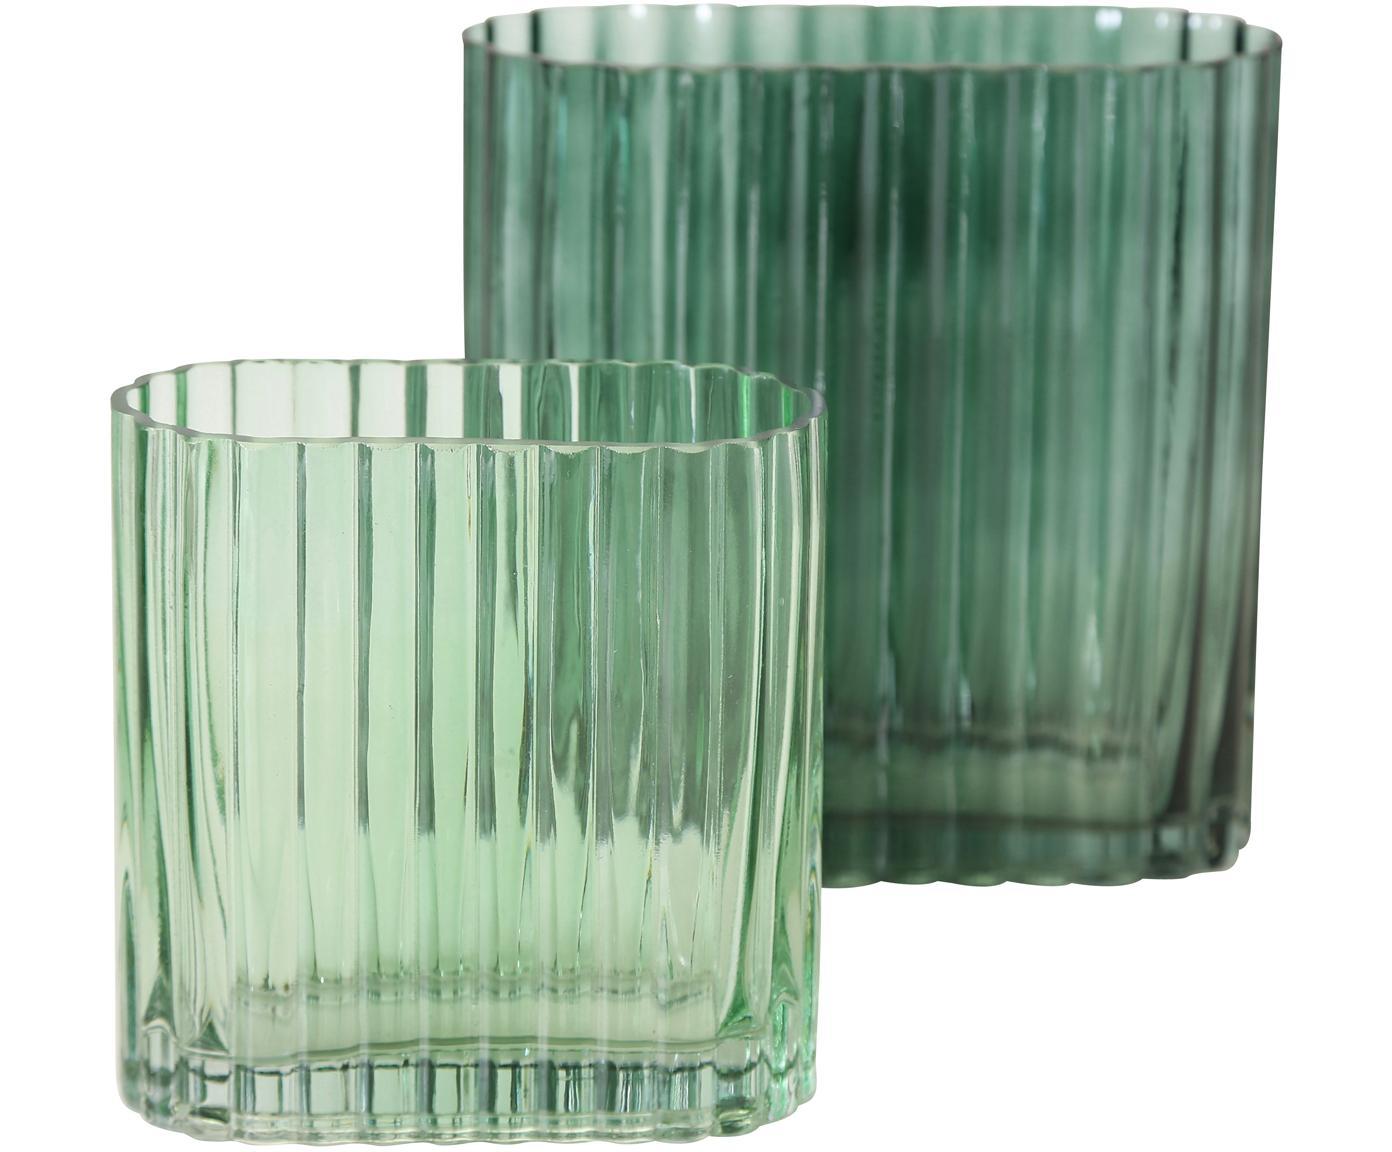 Set 2 vasi in vetro verde Tulipa, Vetro, Verde, Diverse dimensioni